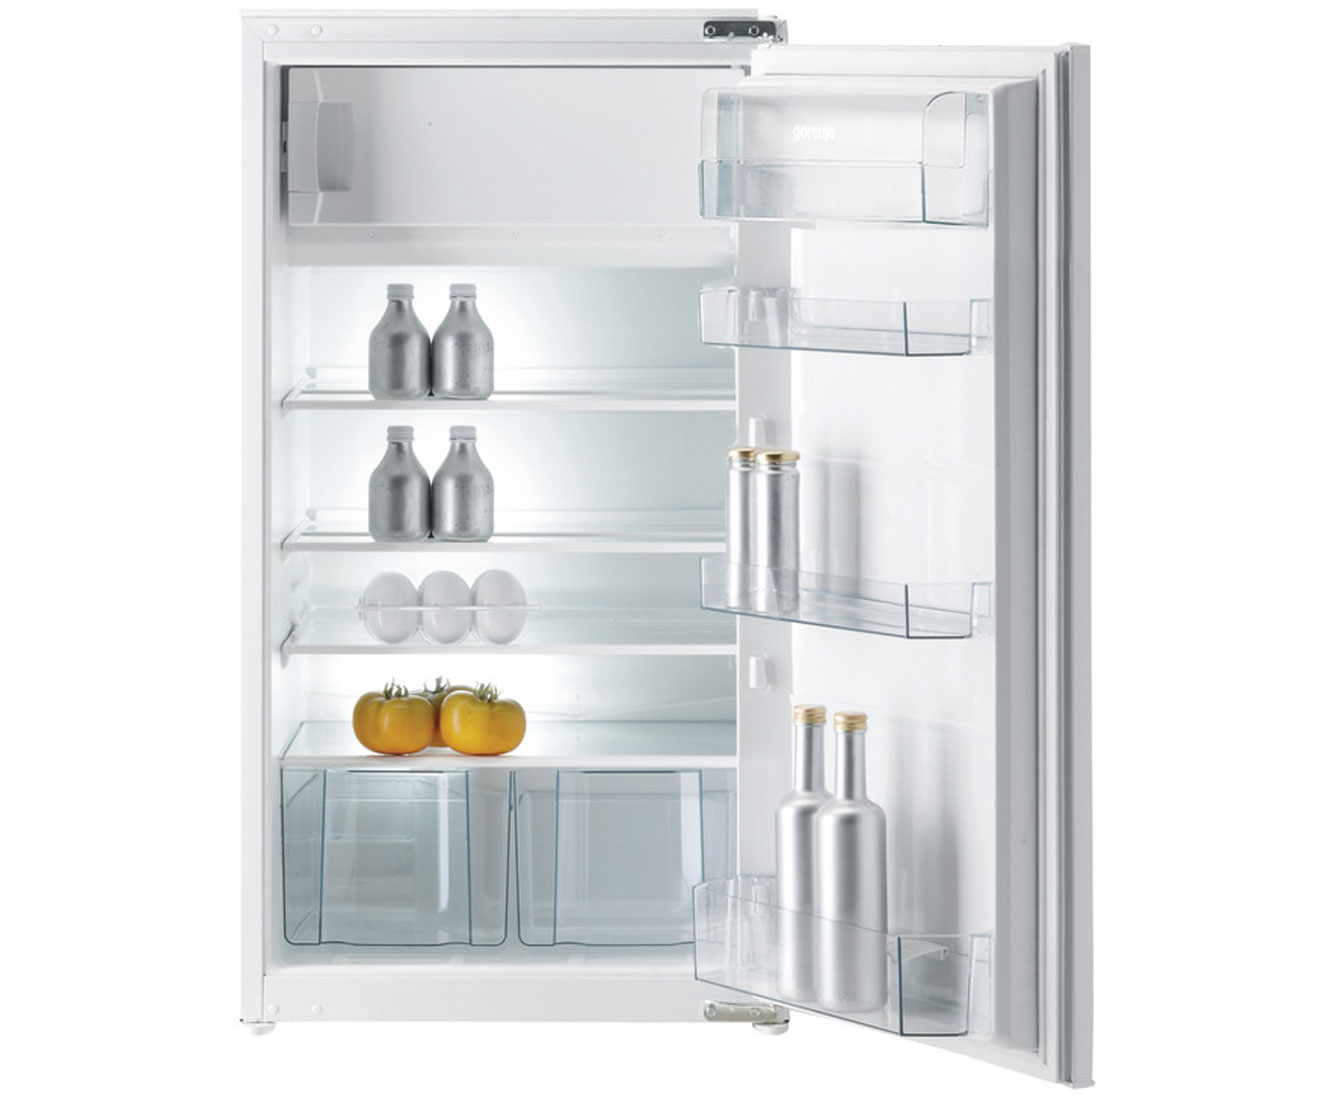 Gorenje Kühlschrank Unterbaufähig : Kühlschrank mit gefrierfach preisvergleich u die besten angebote